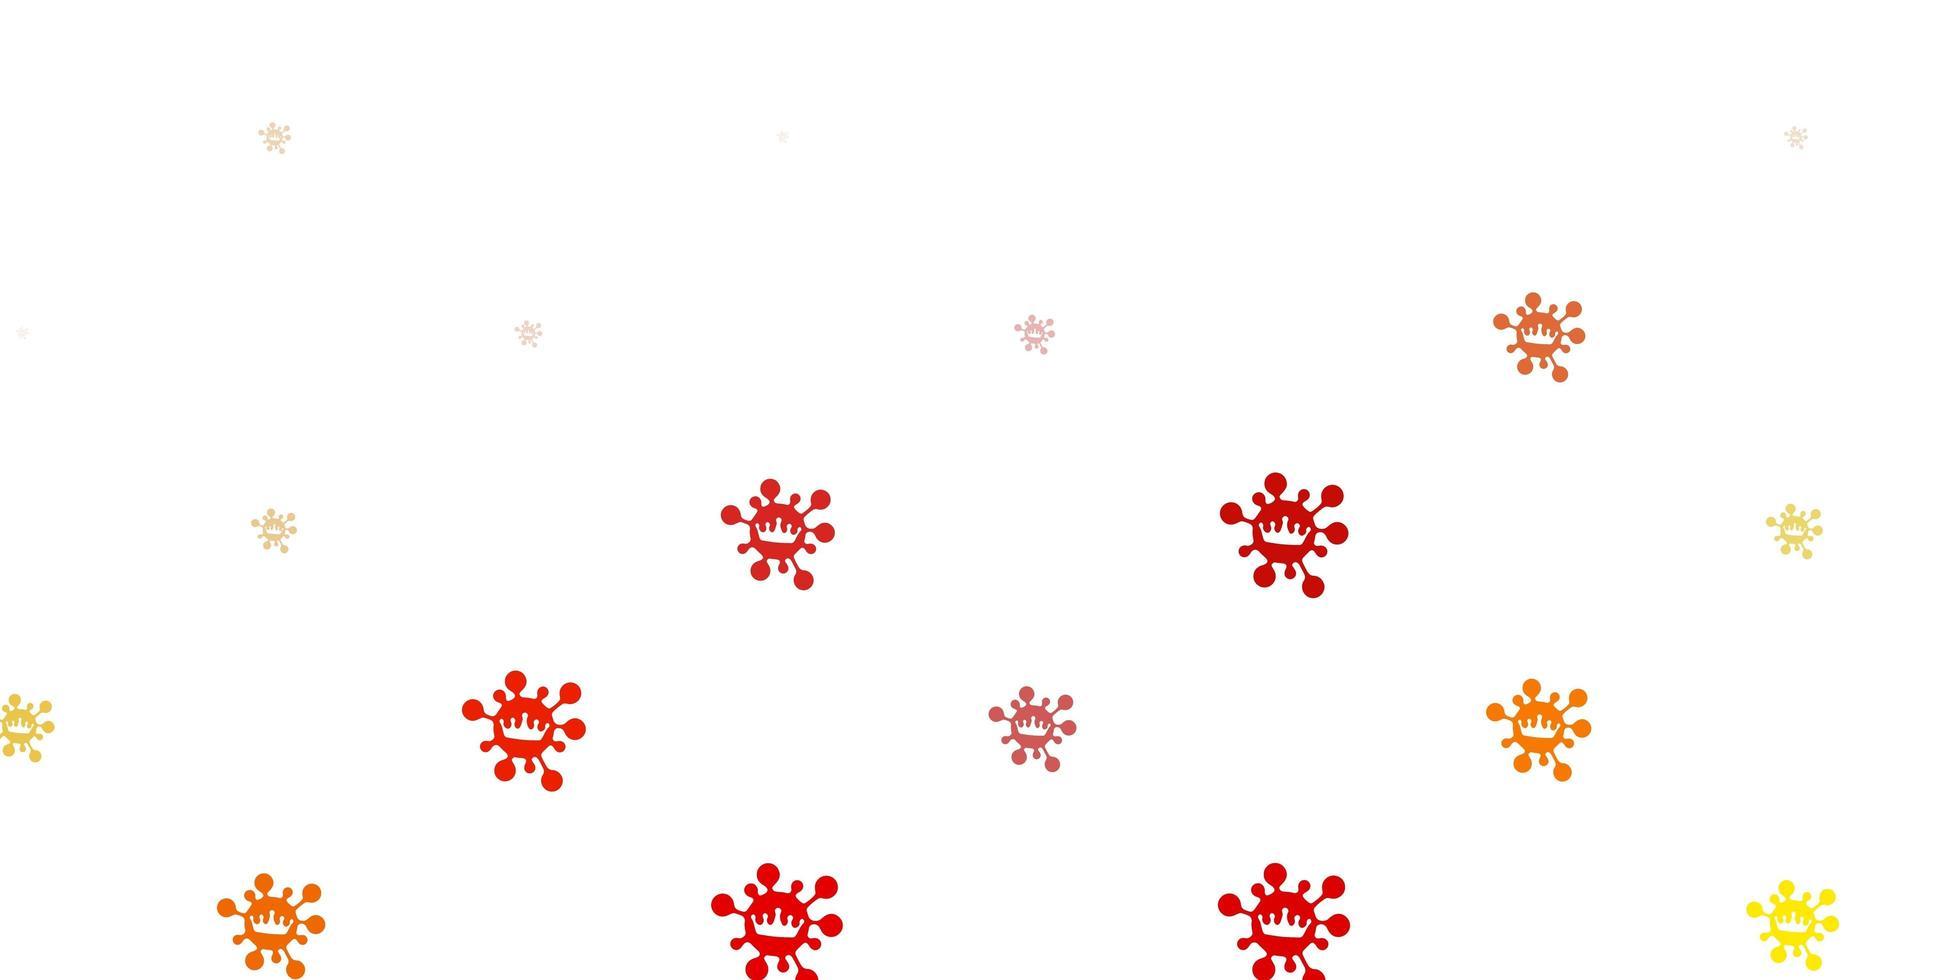 toile de fond de vecteur marron clair avec symboles de virus